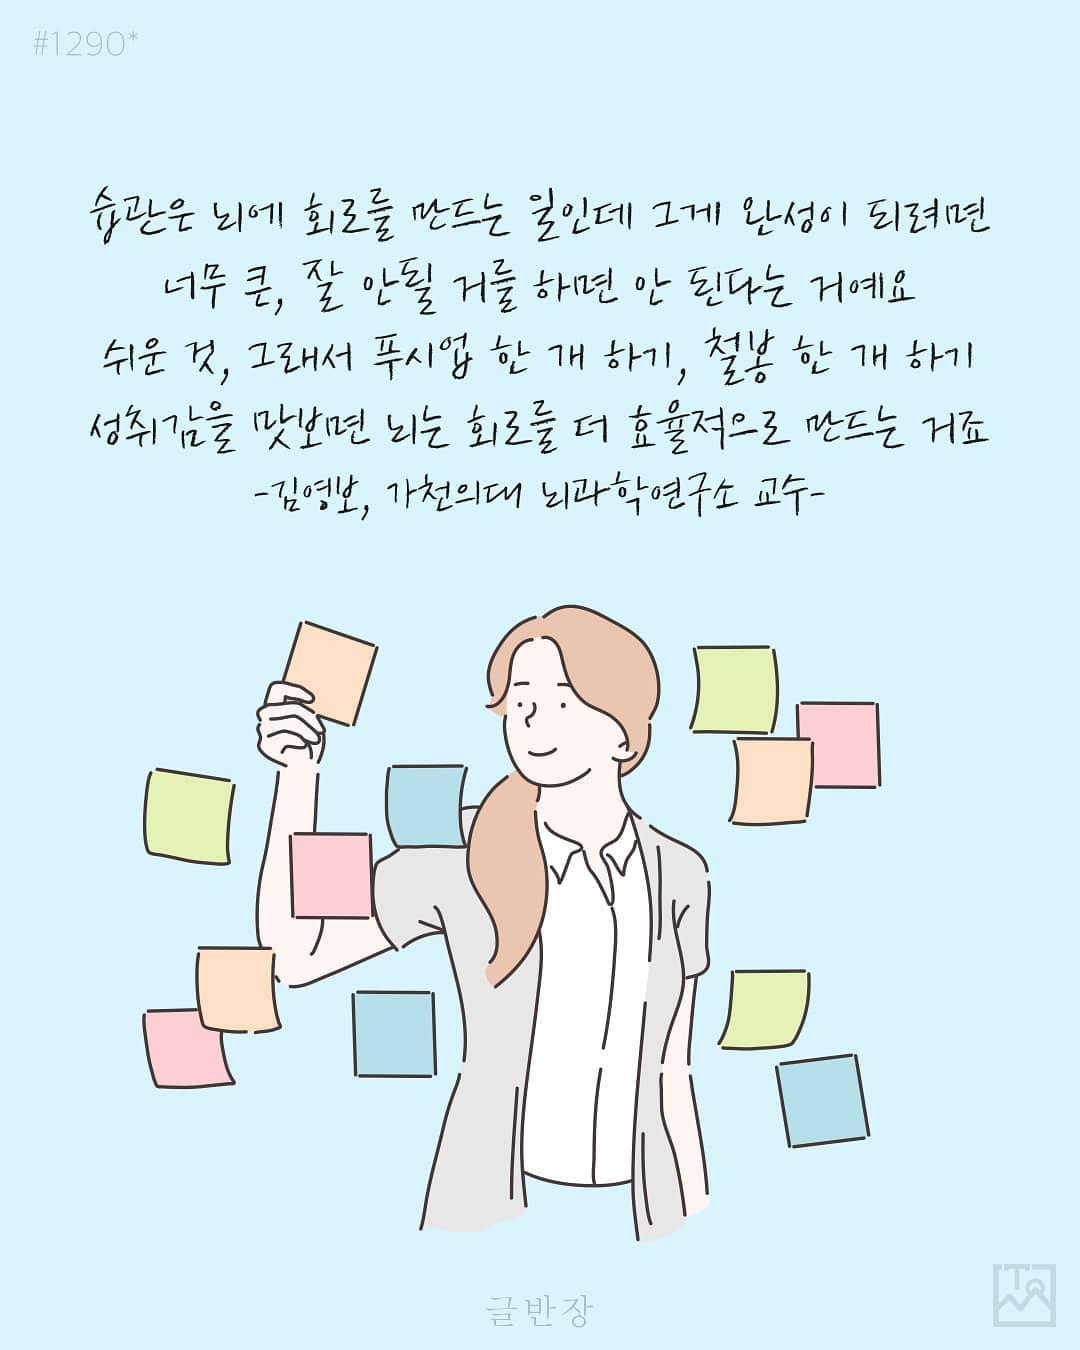 습관은 뇌에 회로를 만드는 일 - 김영보, 가천의대 뇌과학연구소 교수